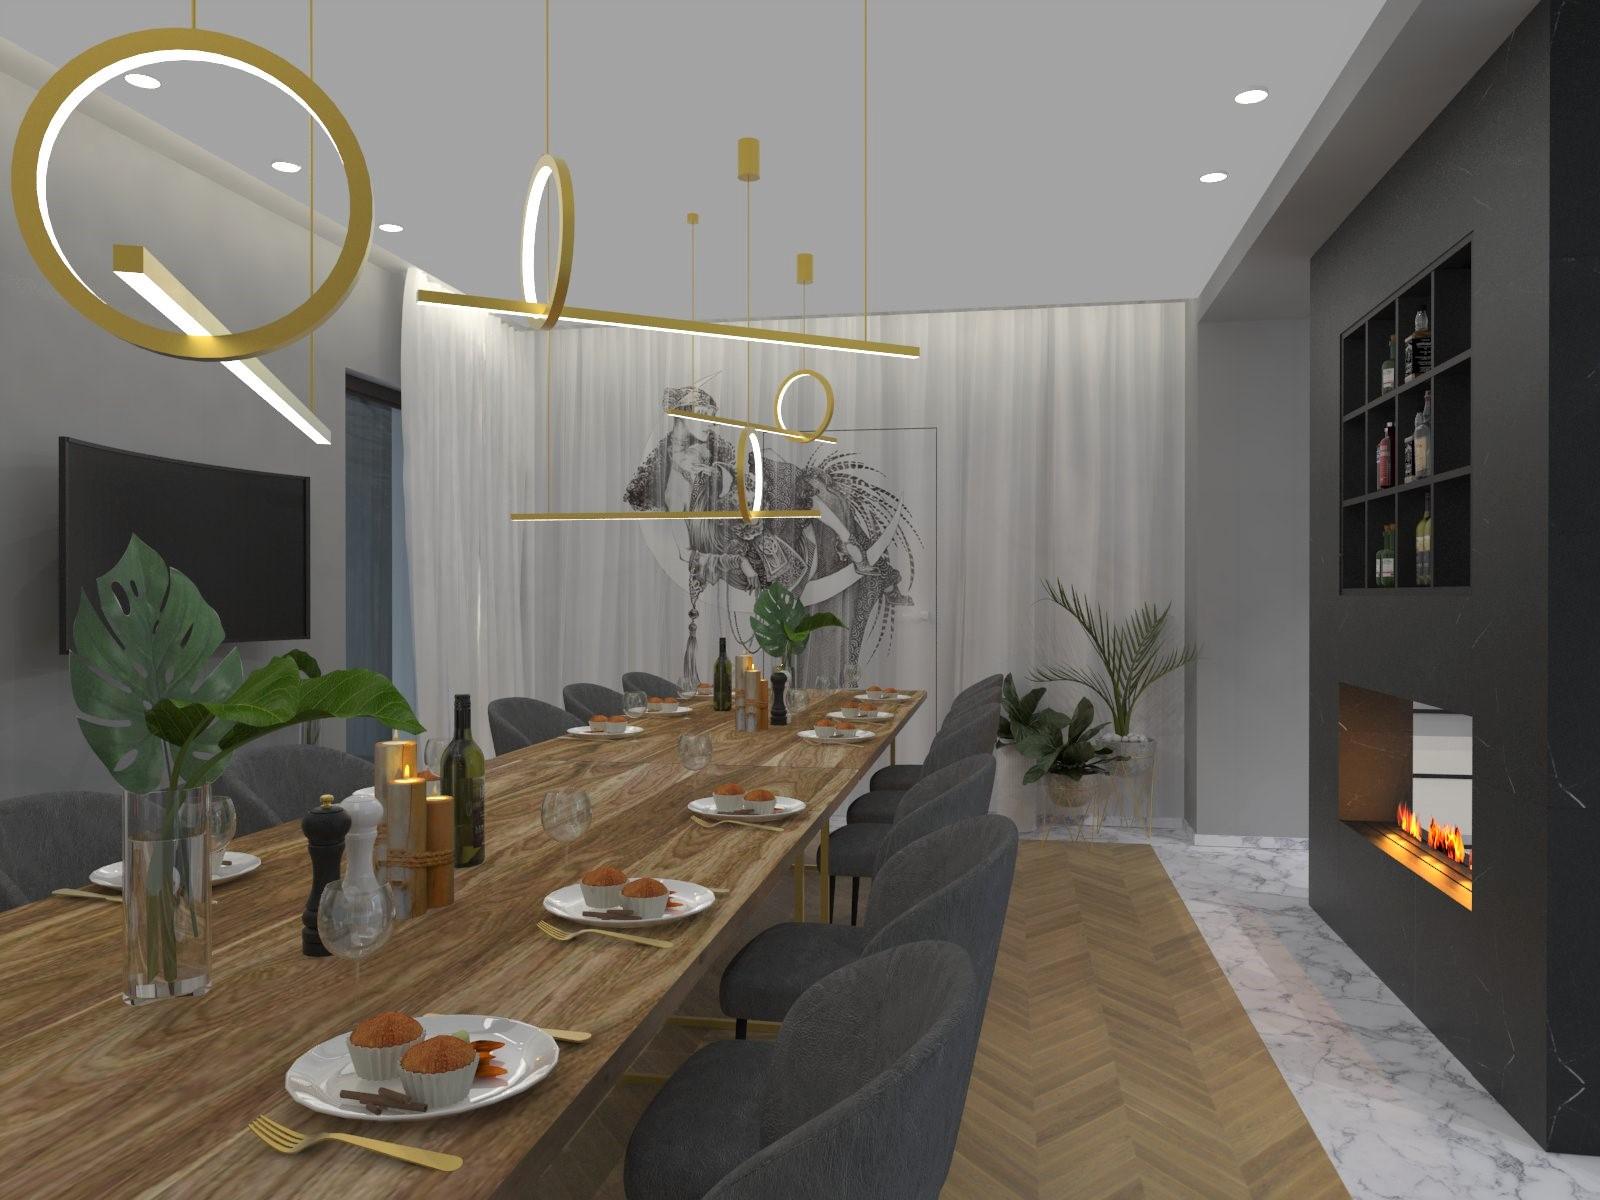 projektowanie wnętrz Katowice, projektowanie wnętrz Wolbrom, projekt kuchni Tychy, Studio Ładnie projektowanie wnętrz Tychy, projekt kuchni Tychy, projekt wnętrz Olkusz, Projektowanie wnętrz Tychy, projektowanie wnętrz Olkusz, Aleksandra Chmielowicz architekt wnętrz